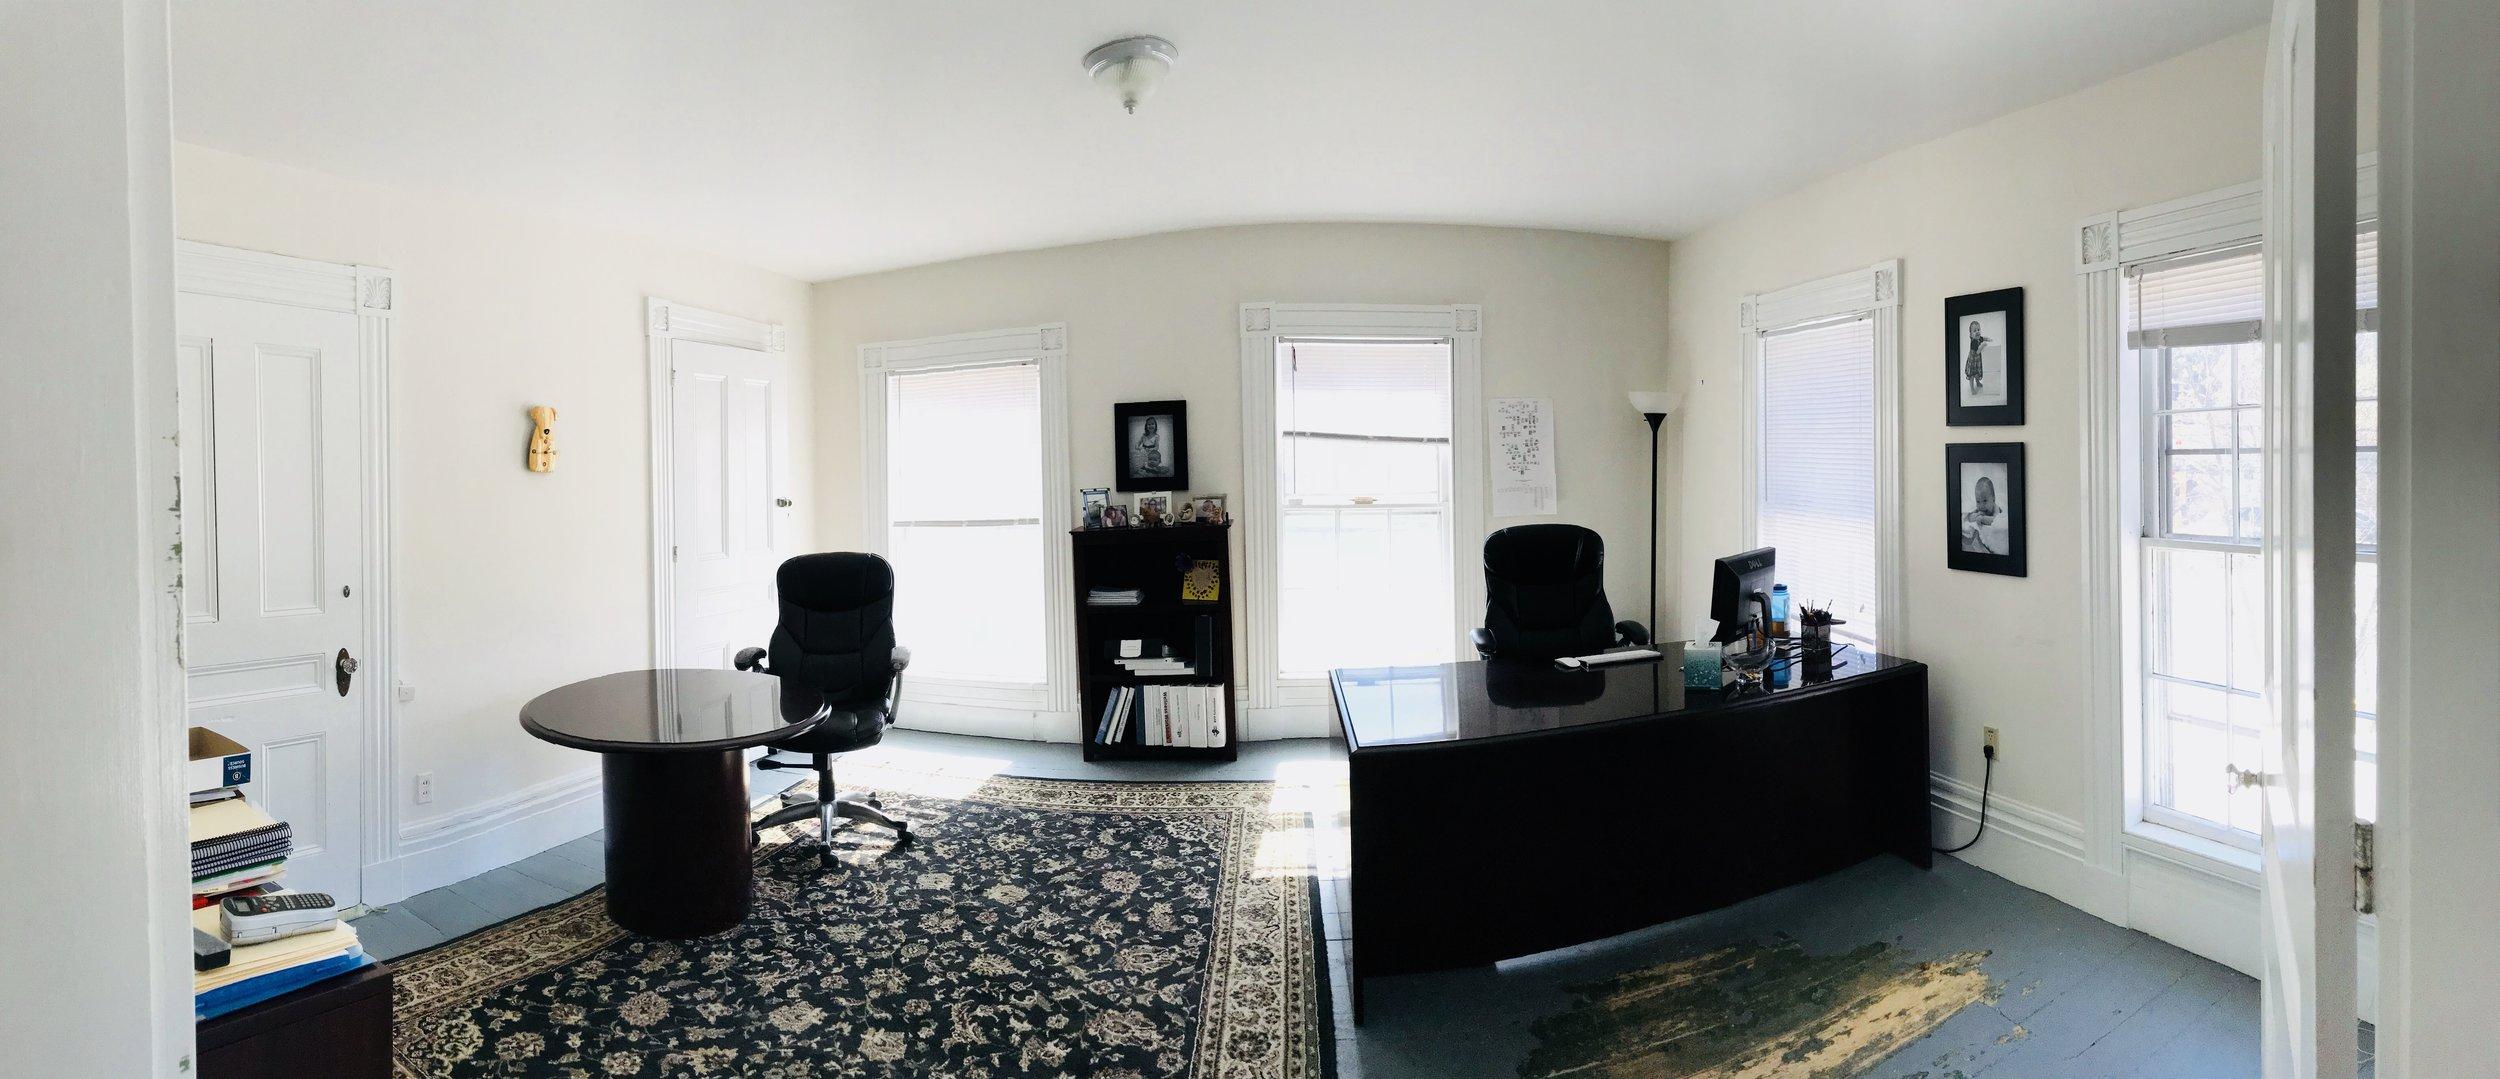 147 office 1.jpeg